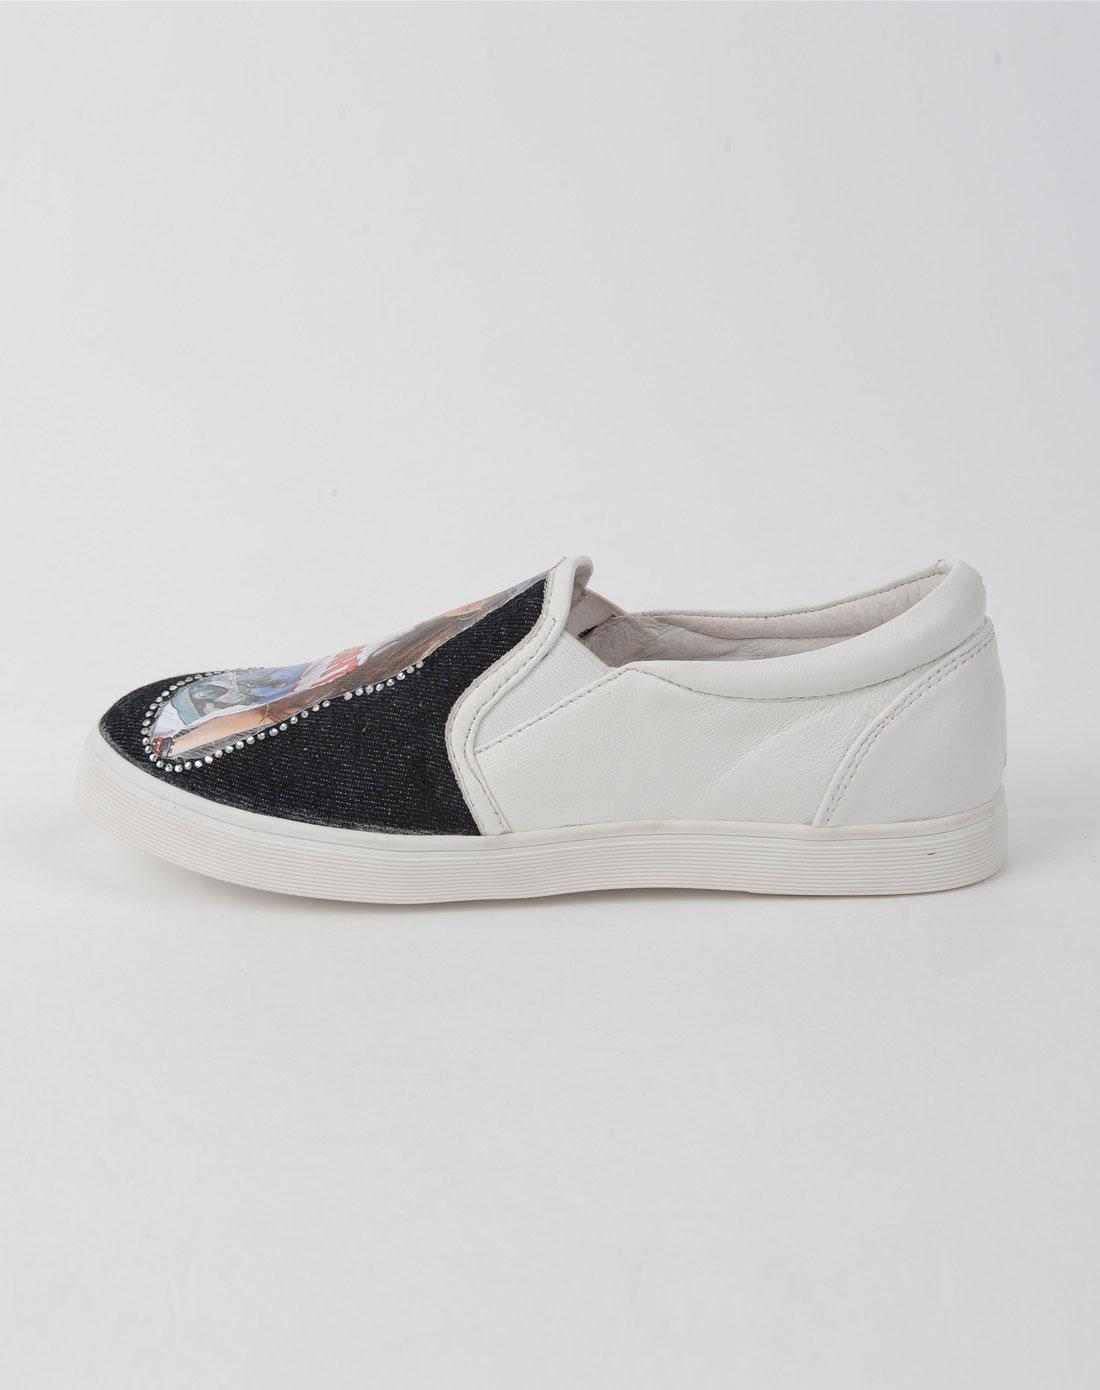 佐丹奴giordano女鞋女款白色休闲鞋